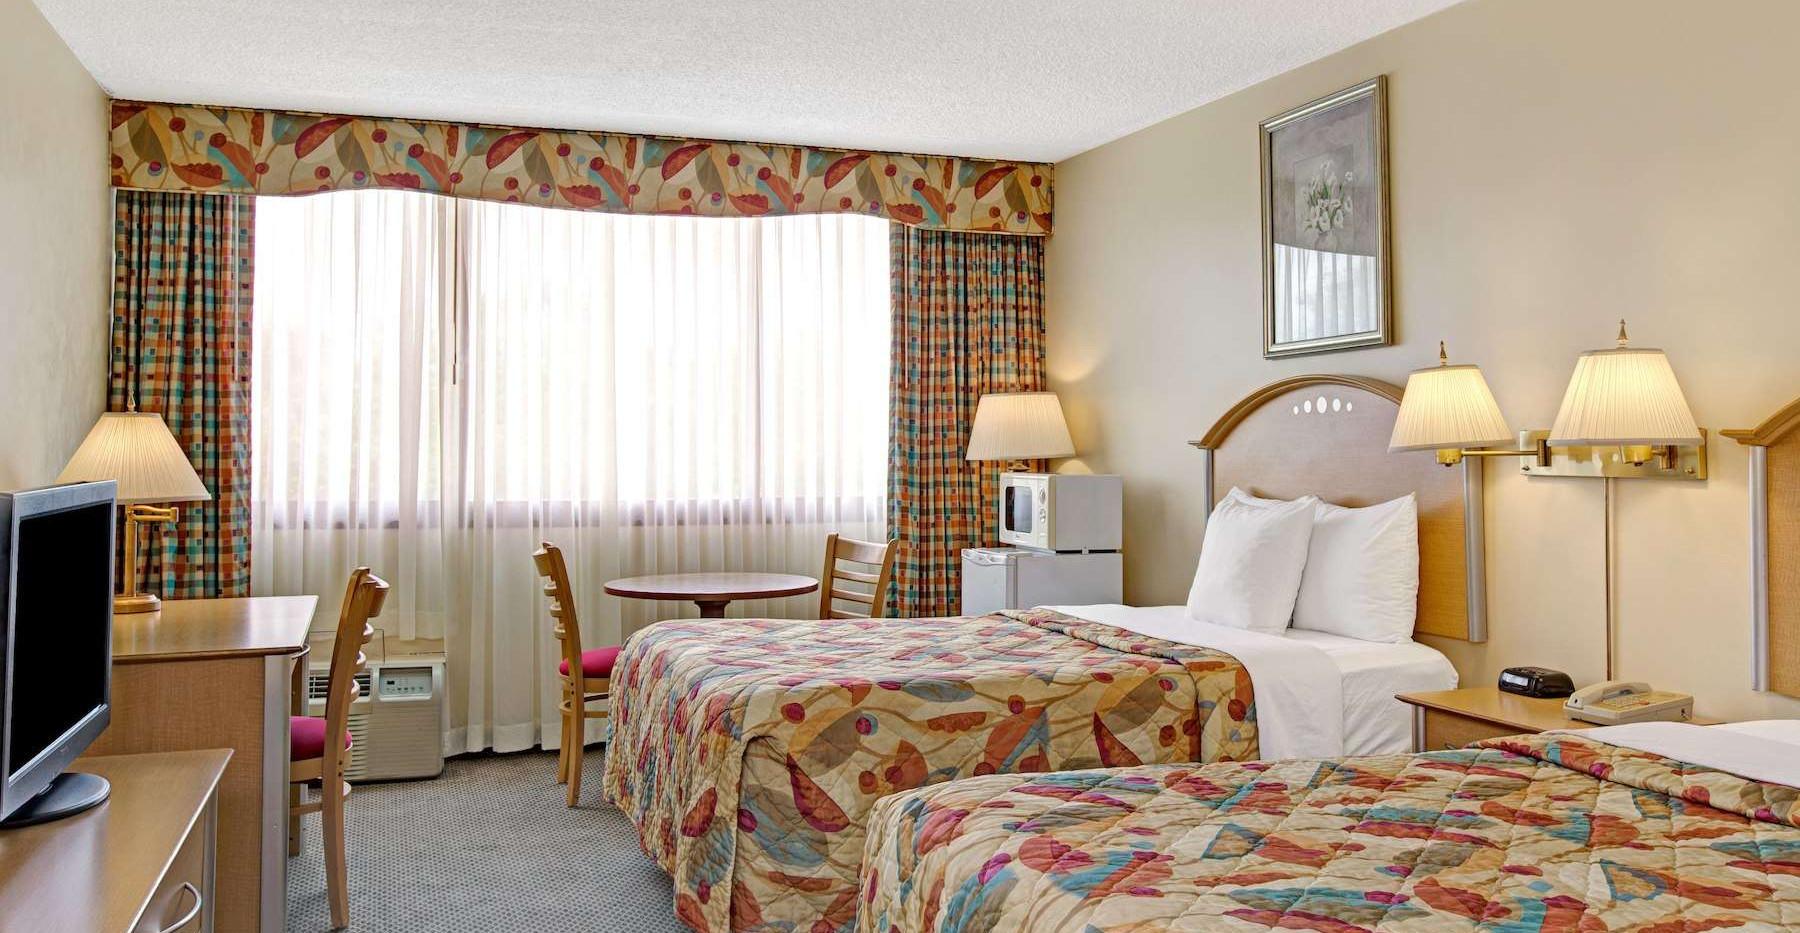 05450_guest_room_4.jpg